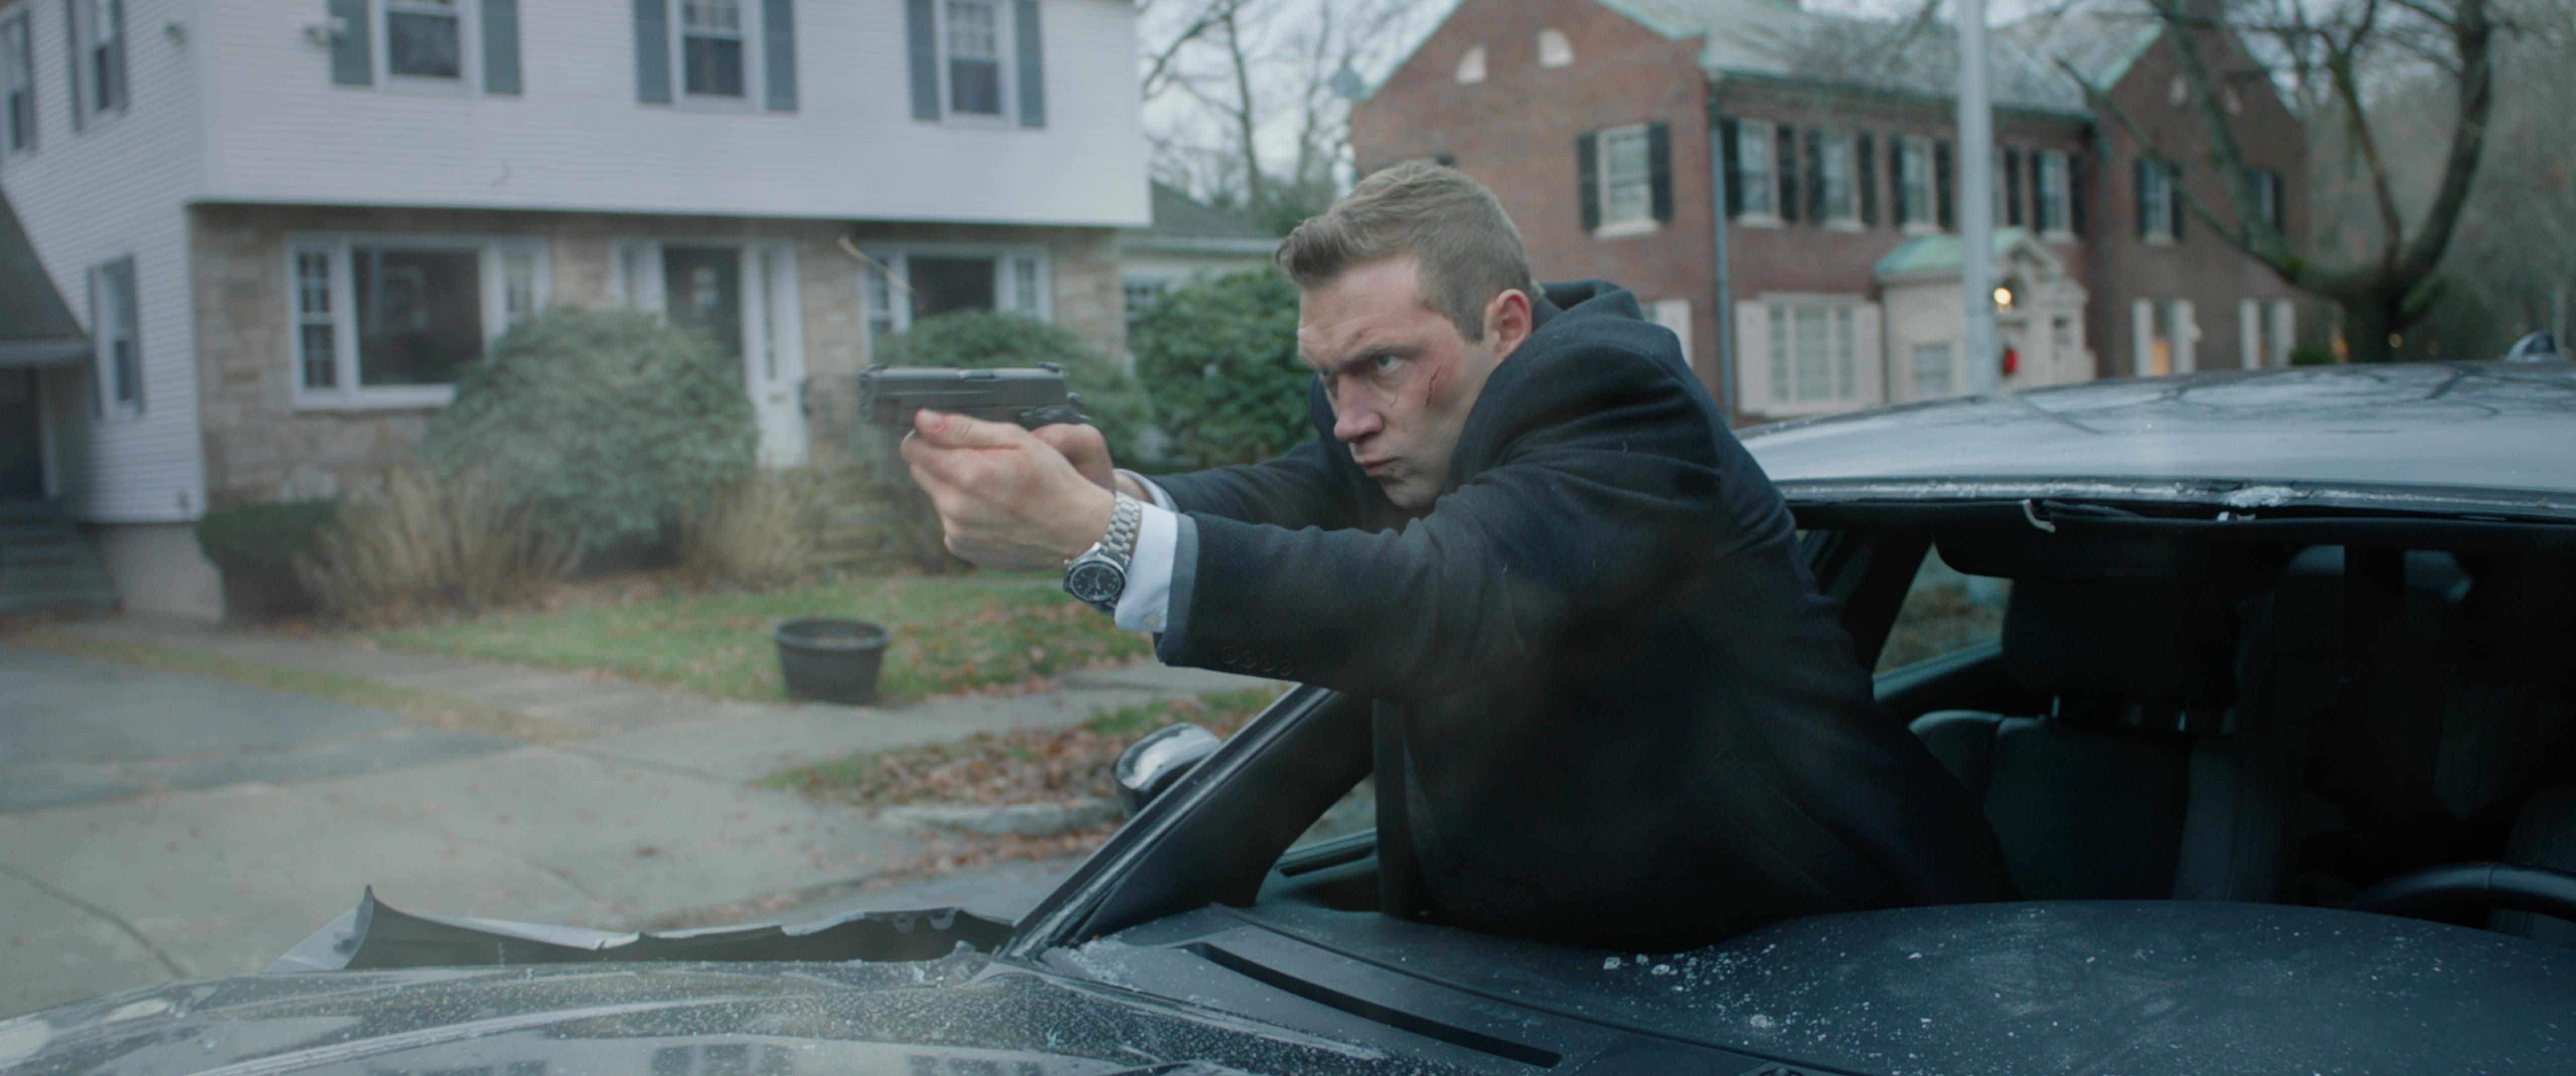 Critique / Avis film The Good Criminal : Liam Neeson en pilote automatique